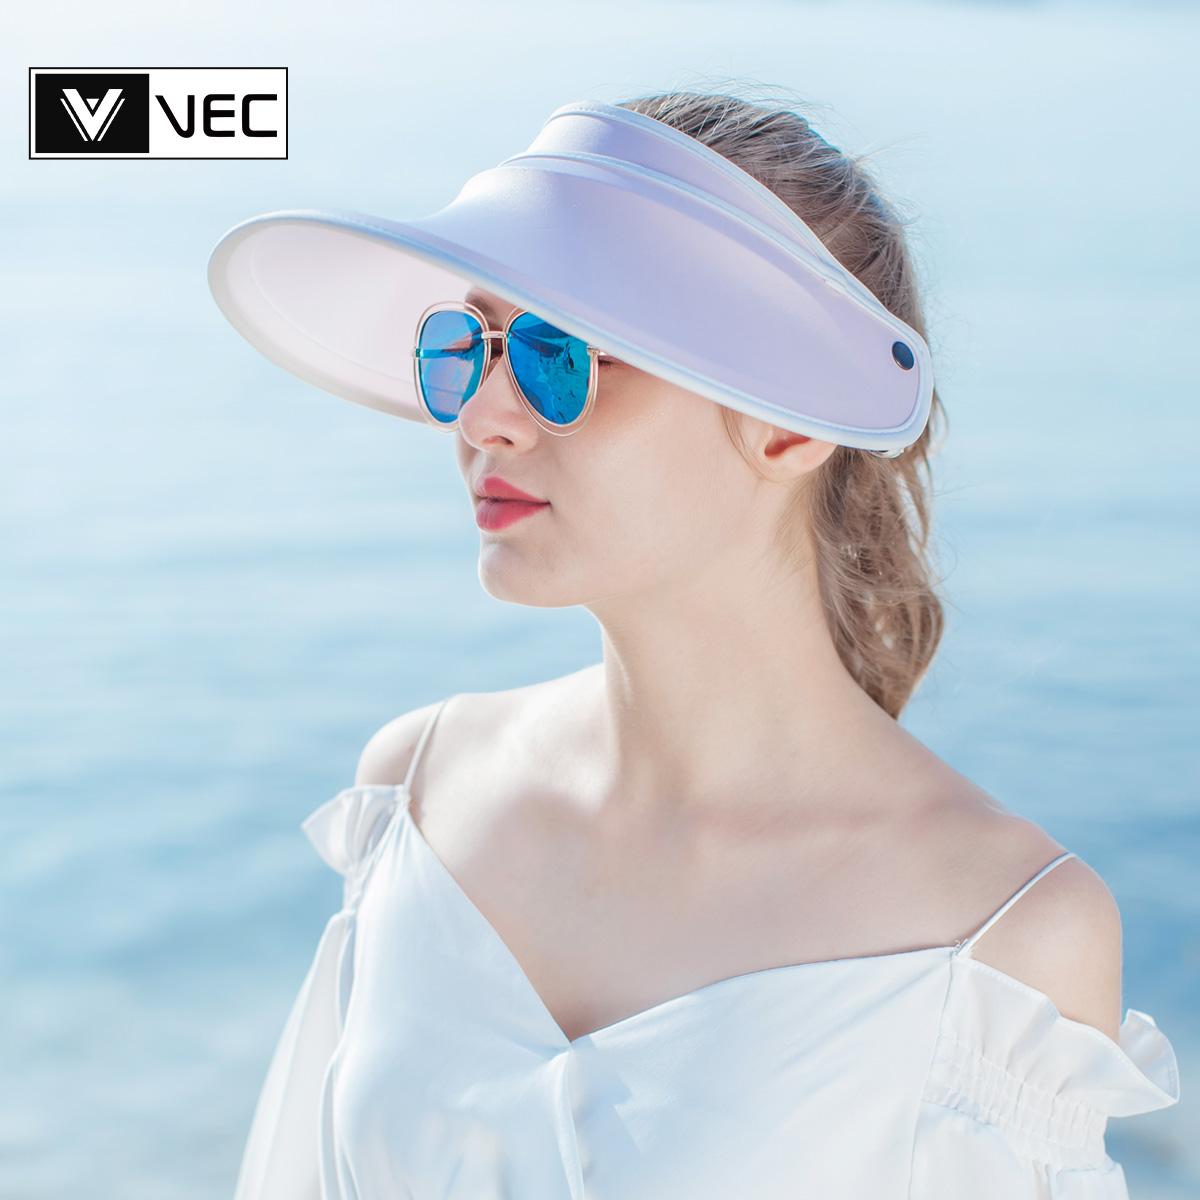 VEC遮阳帽女防晒遮脸太阳帽夏季空顶帽防晒帽女出游骑车防紫外线